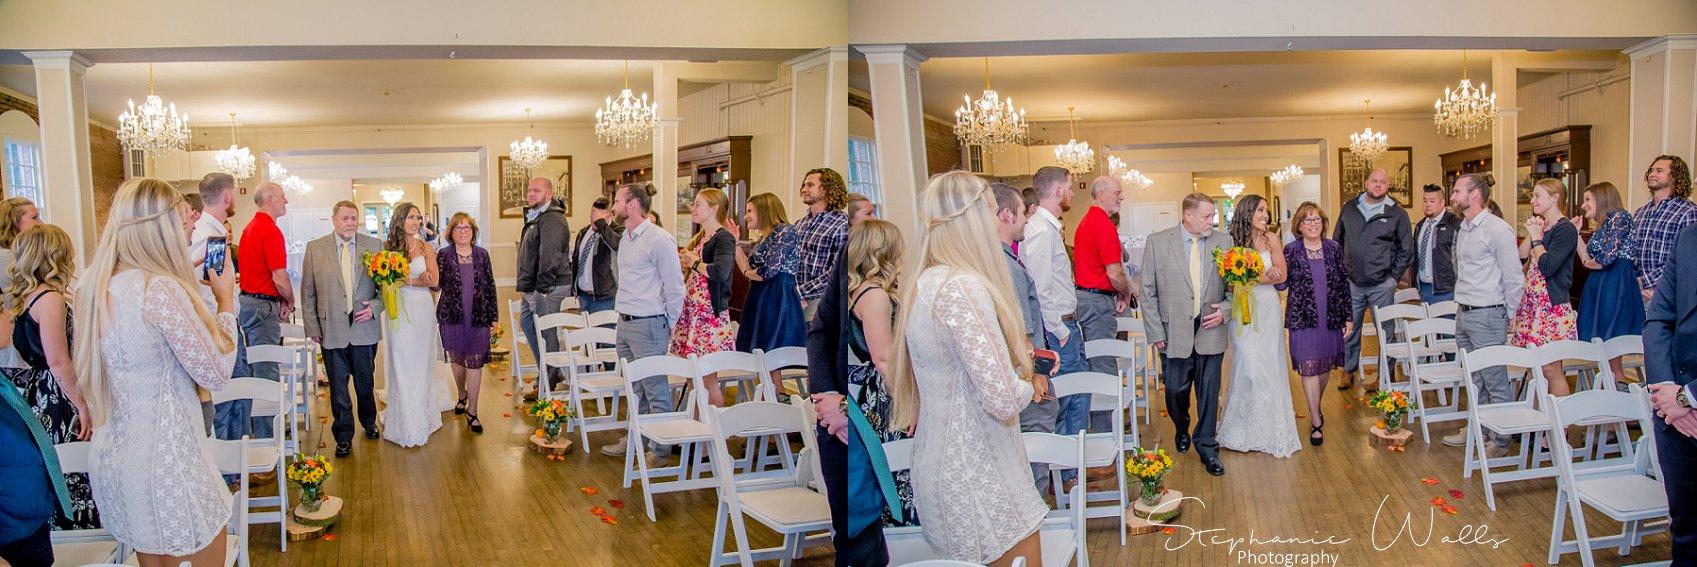 Ceremony 039 KK & Zack | Hollywood Schoolhouse Wedding | Woodinville, Wa Wedding Photographer